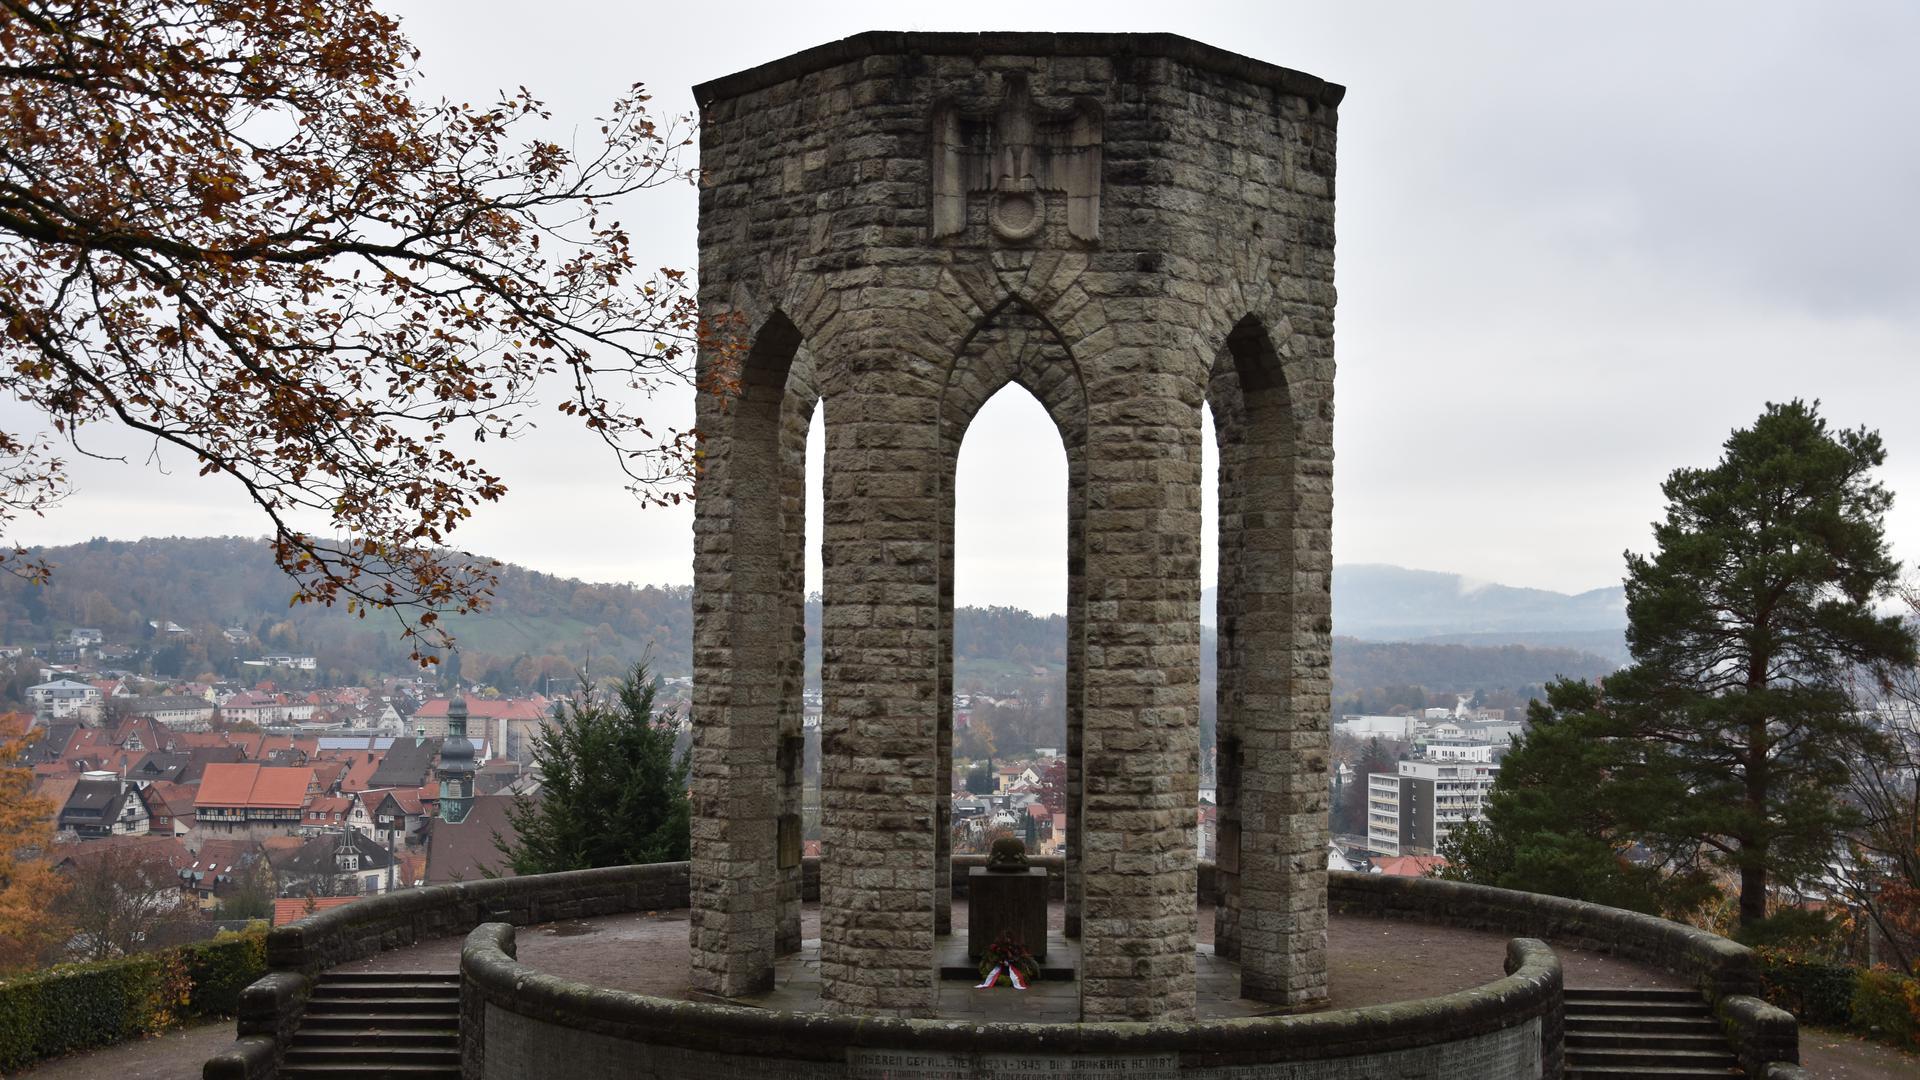 altes, großes Denkmal aus Stein, mit Altar und Stahlhelm darauf